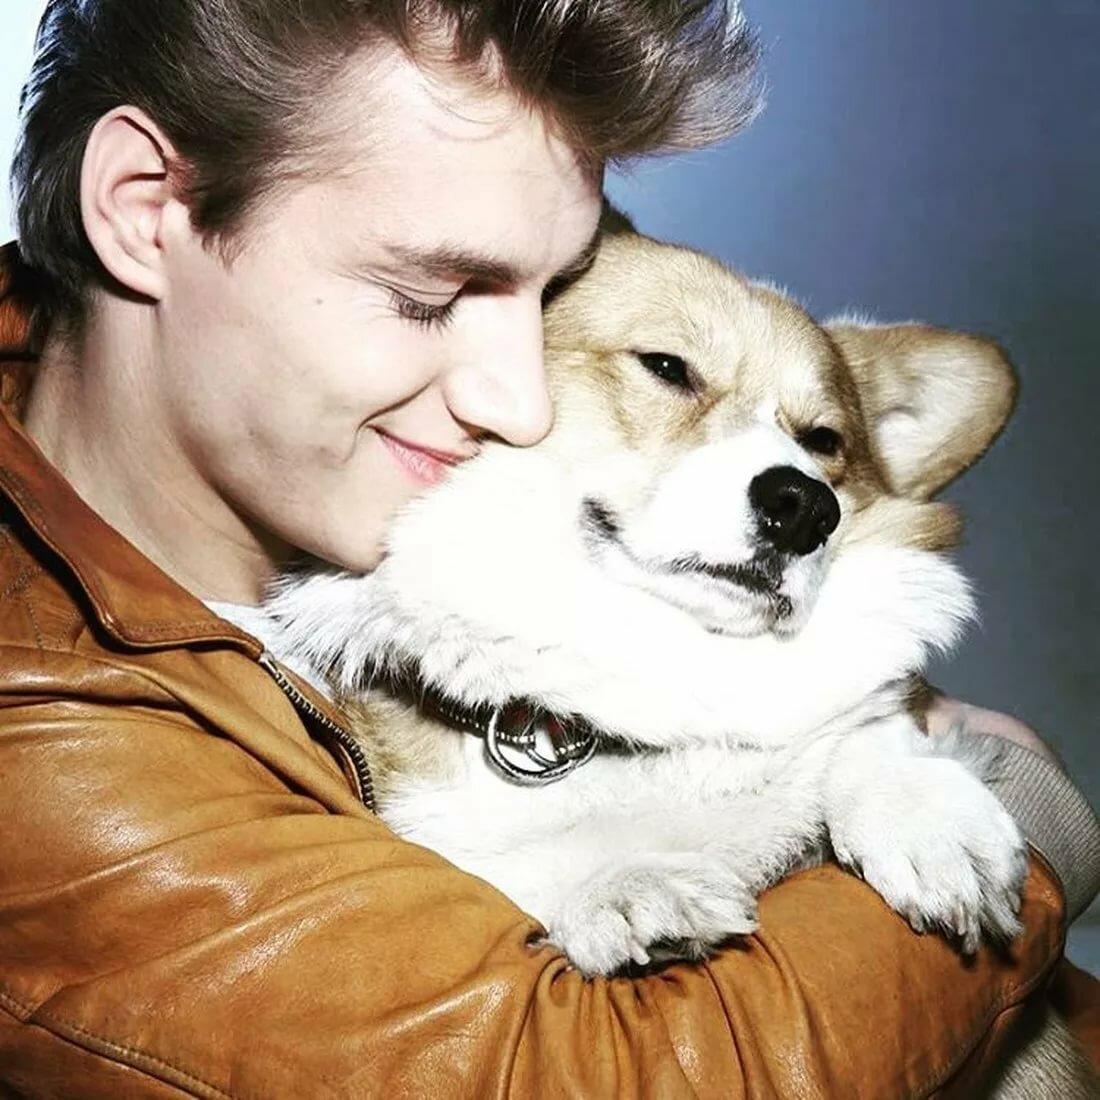 картинки алексея воробьева с собакой сосновых берёзовых